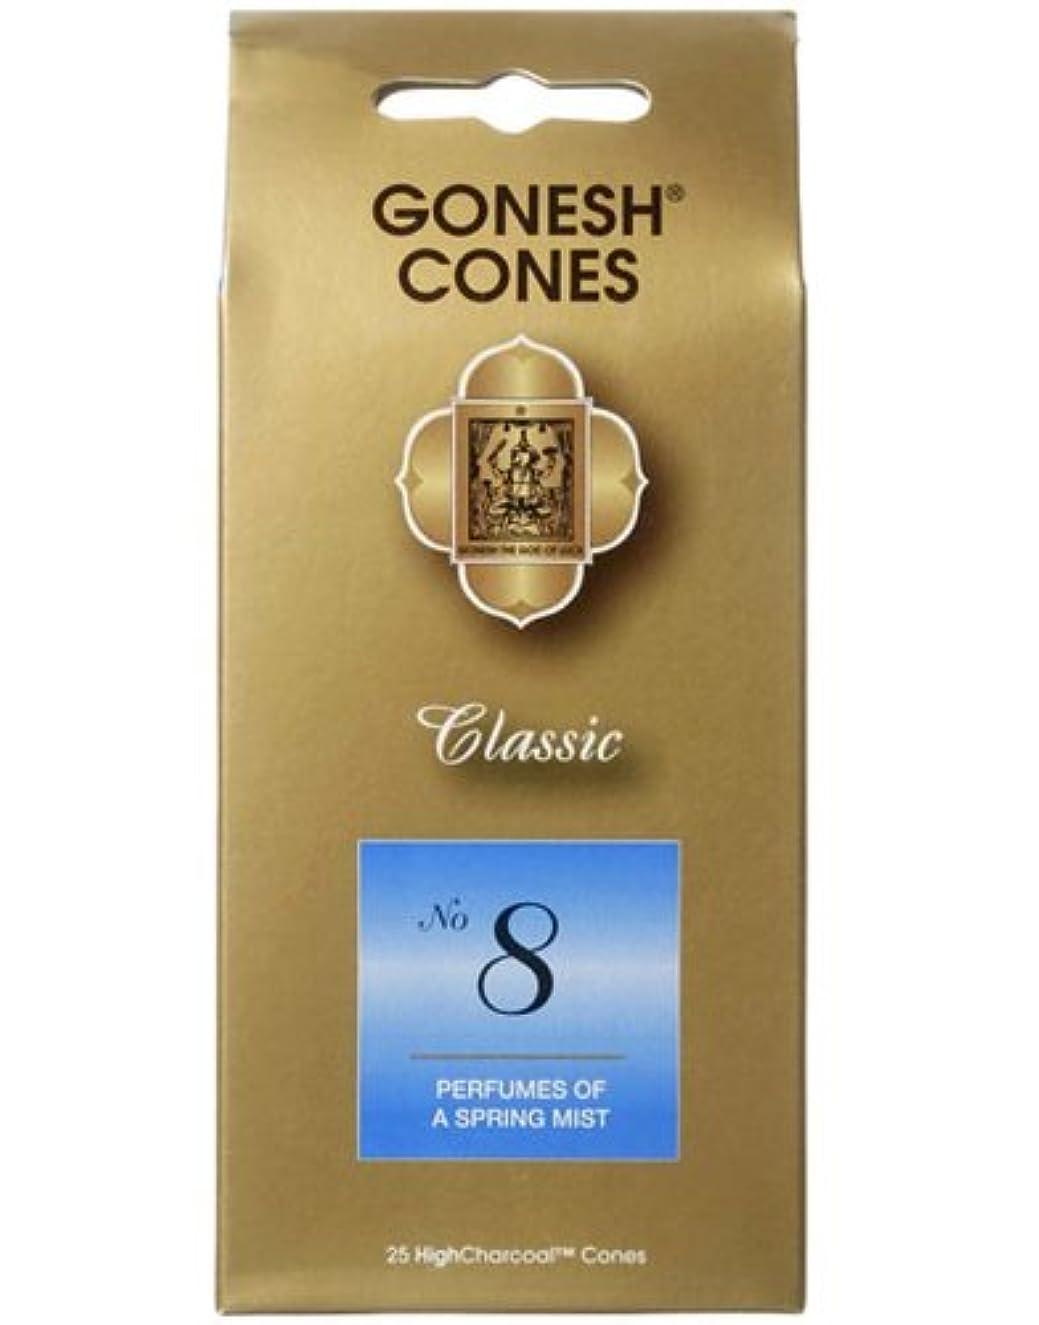 口実死郊外ガーネッシュ(GONESH) ナンバー インセンス コーン No.8 25個入(お香)